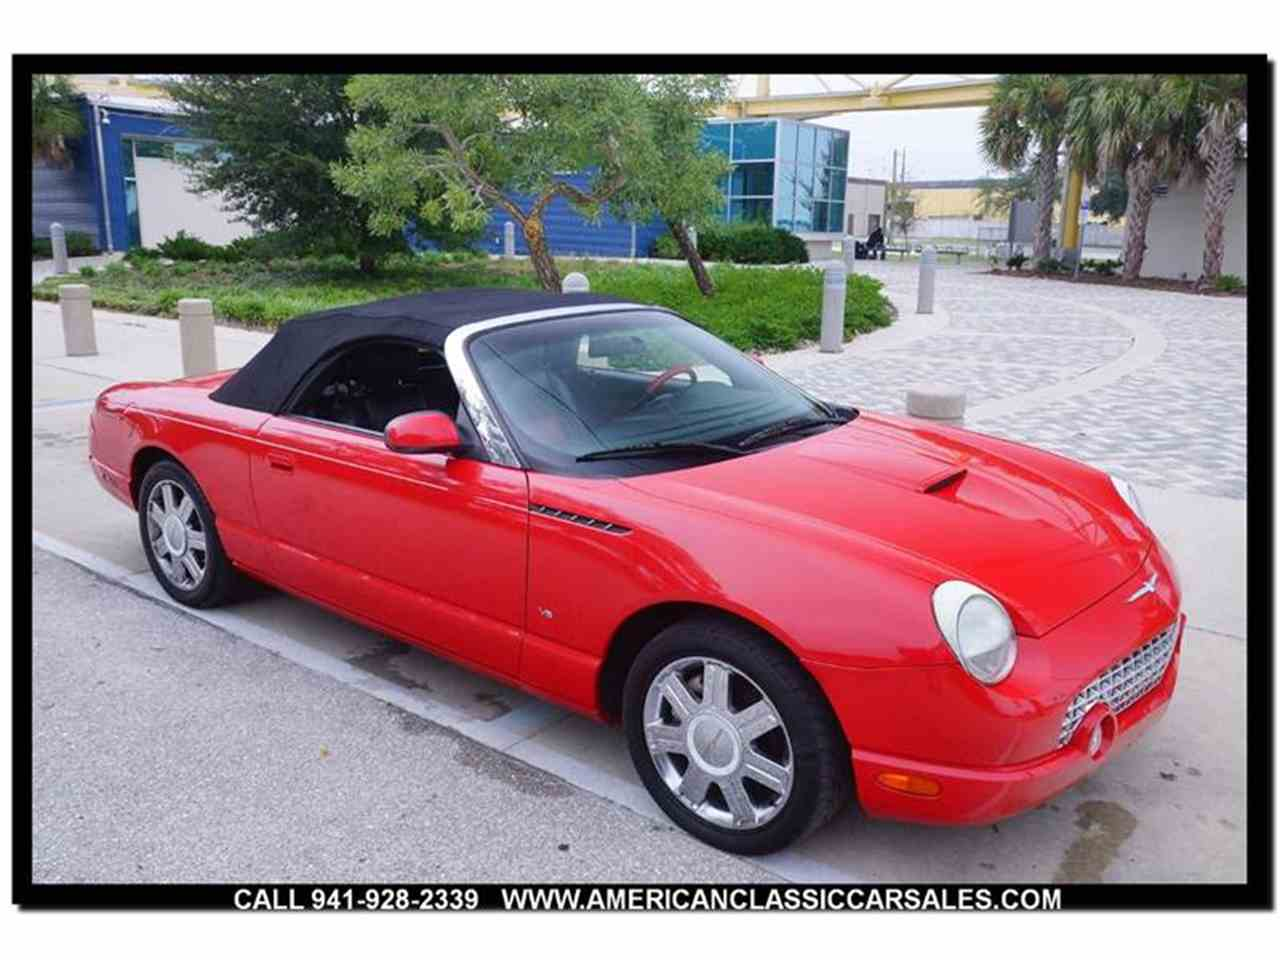 2004 Chrysler Sebring - VIN: 1C3EL46X54N403428 - AutoDetective.com